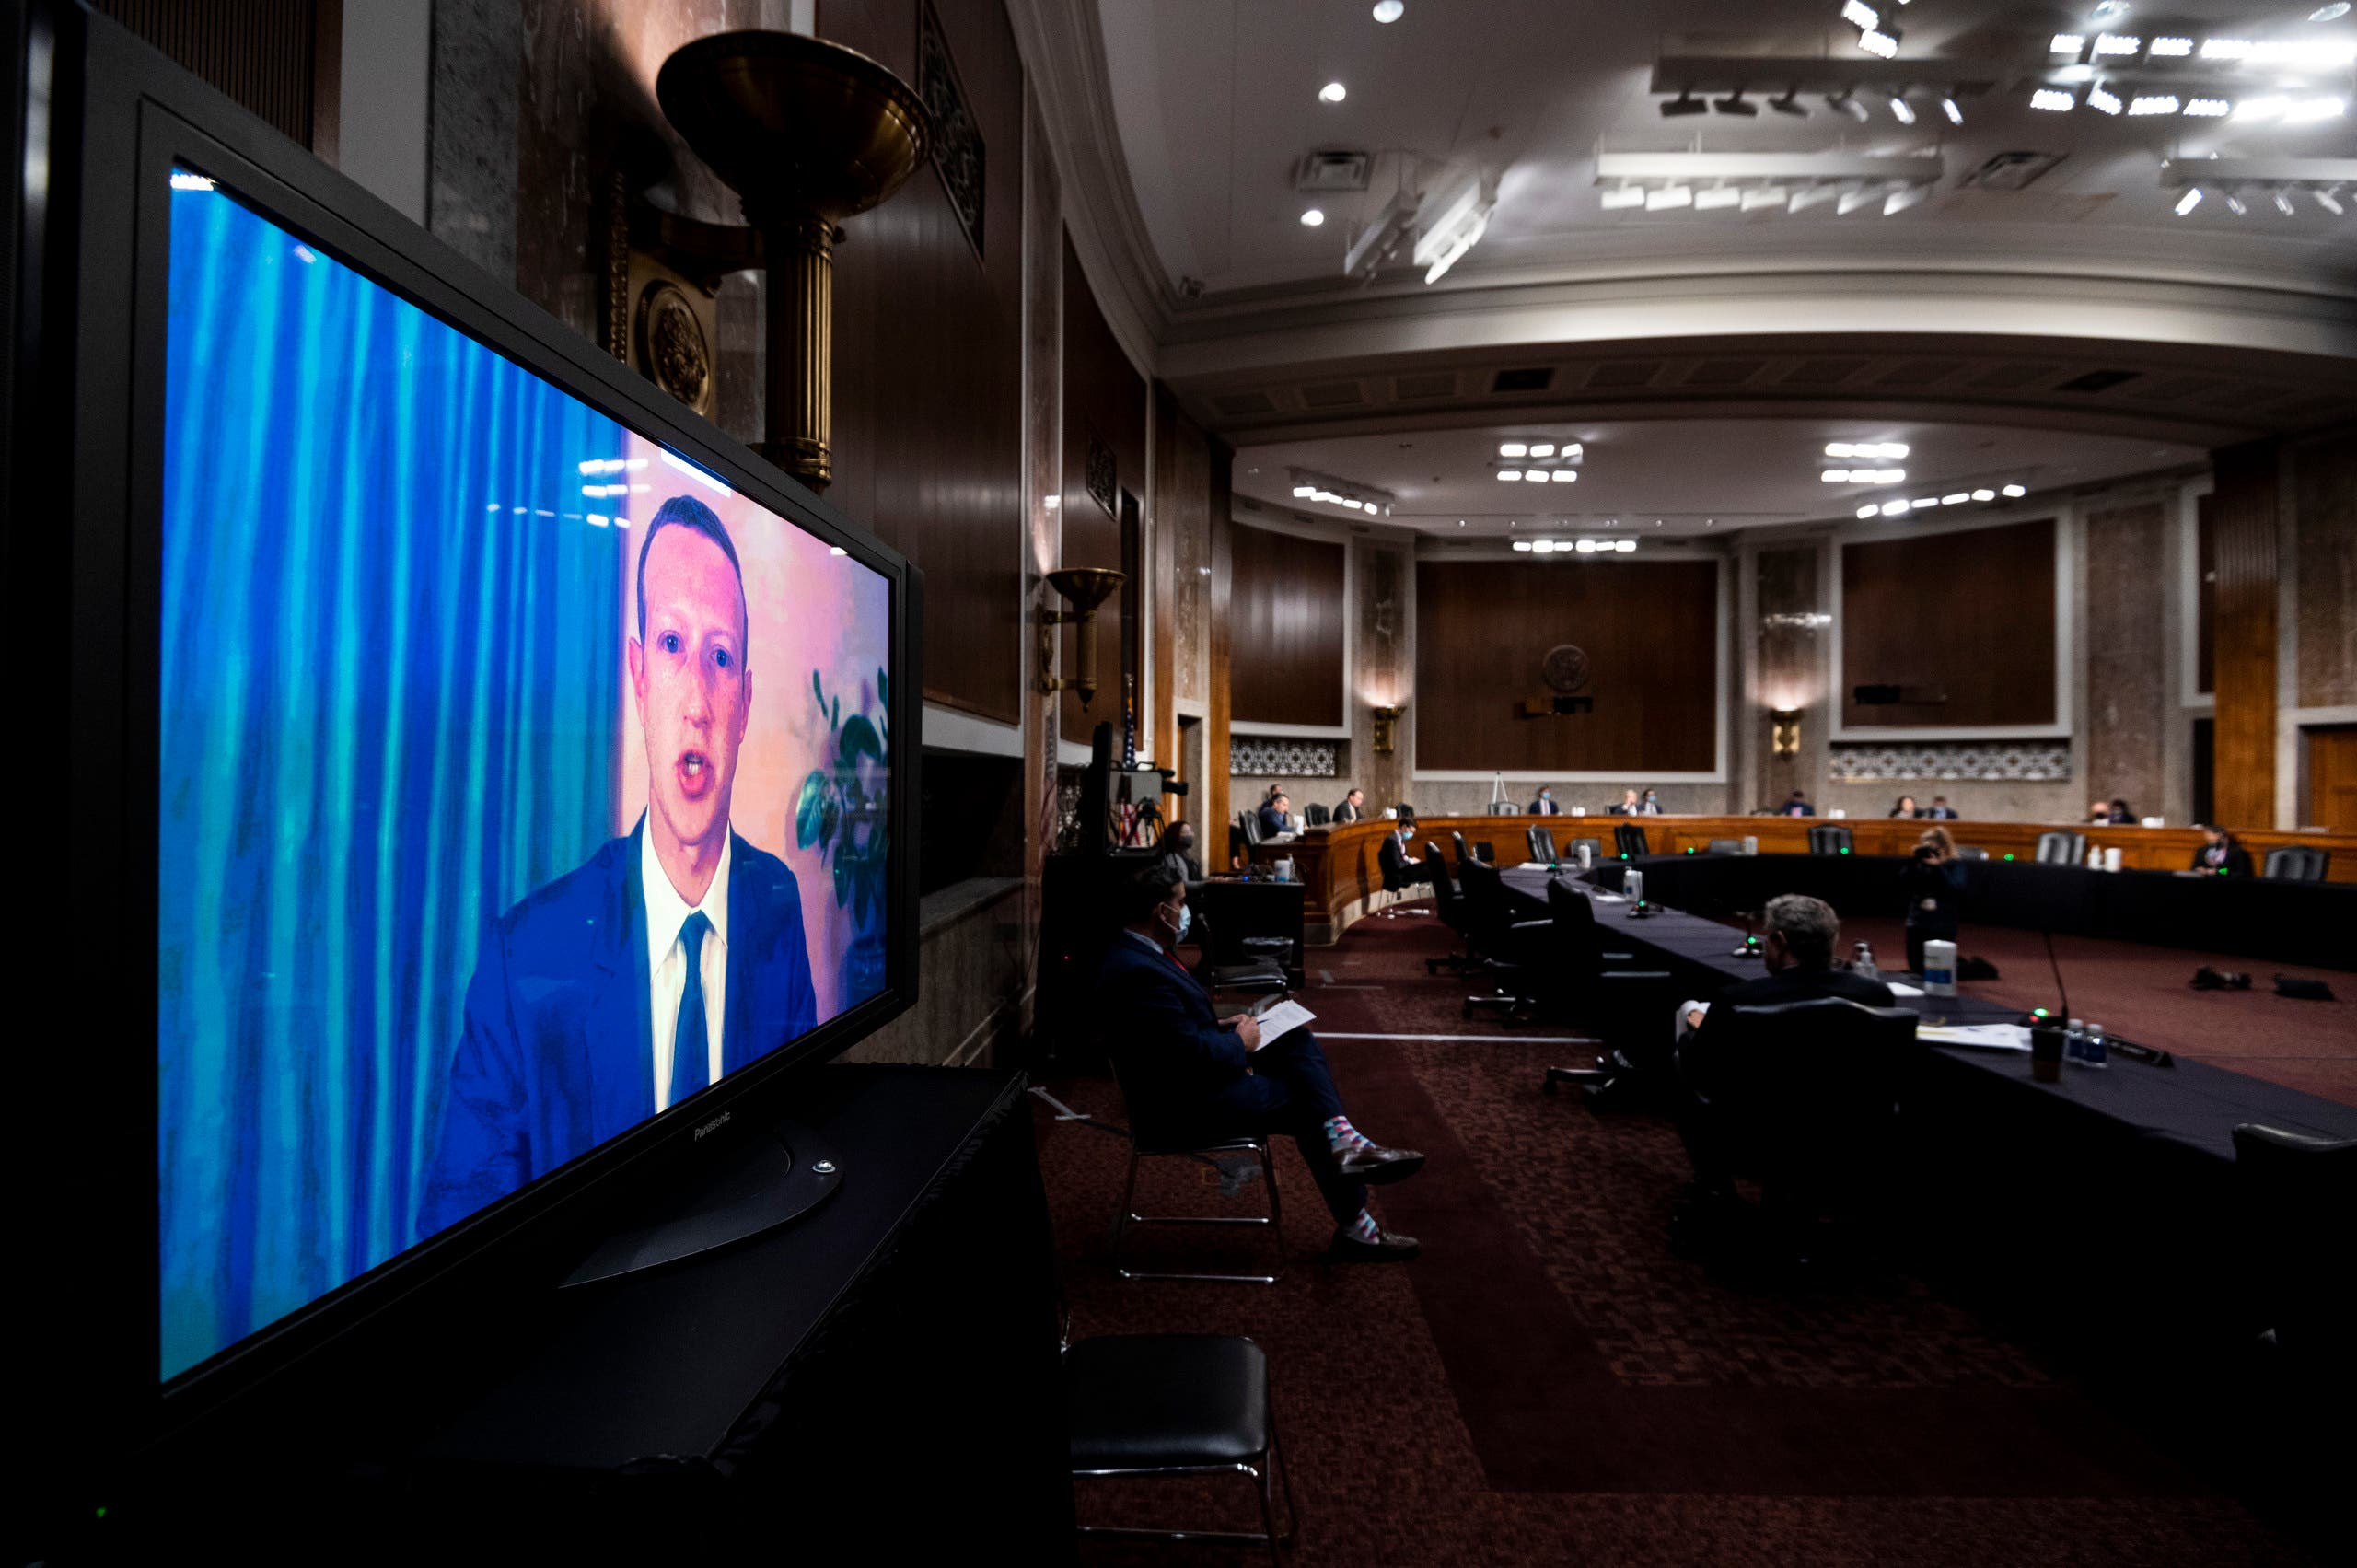 """مدير """"فيسبوك"""" مارك  زوكربرغ يشهد امام لجنة في مجلس الشيوخ الأميركي الثلاثاء الماضي"""